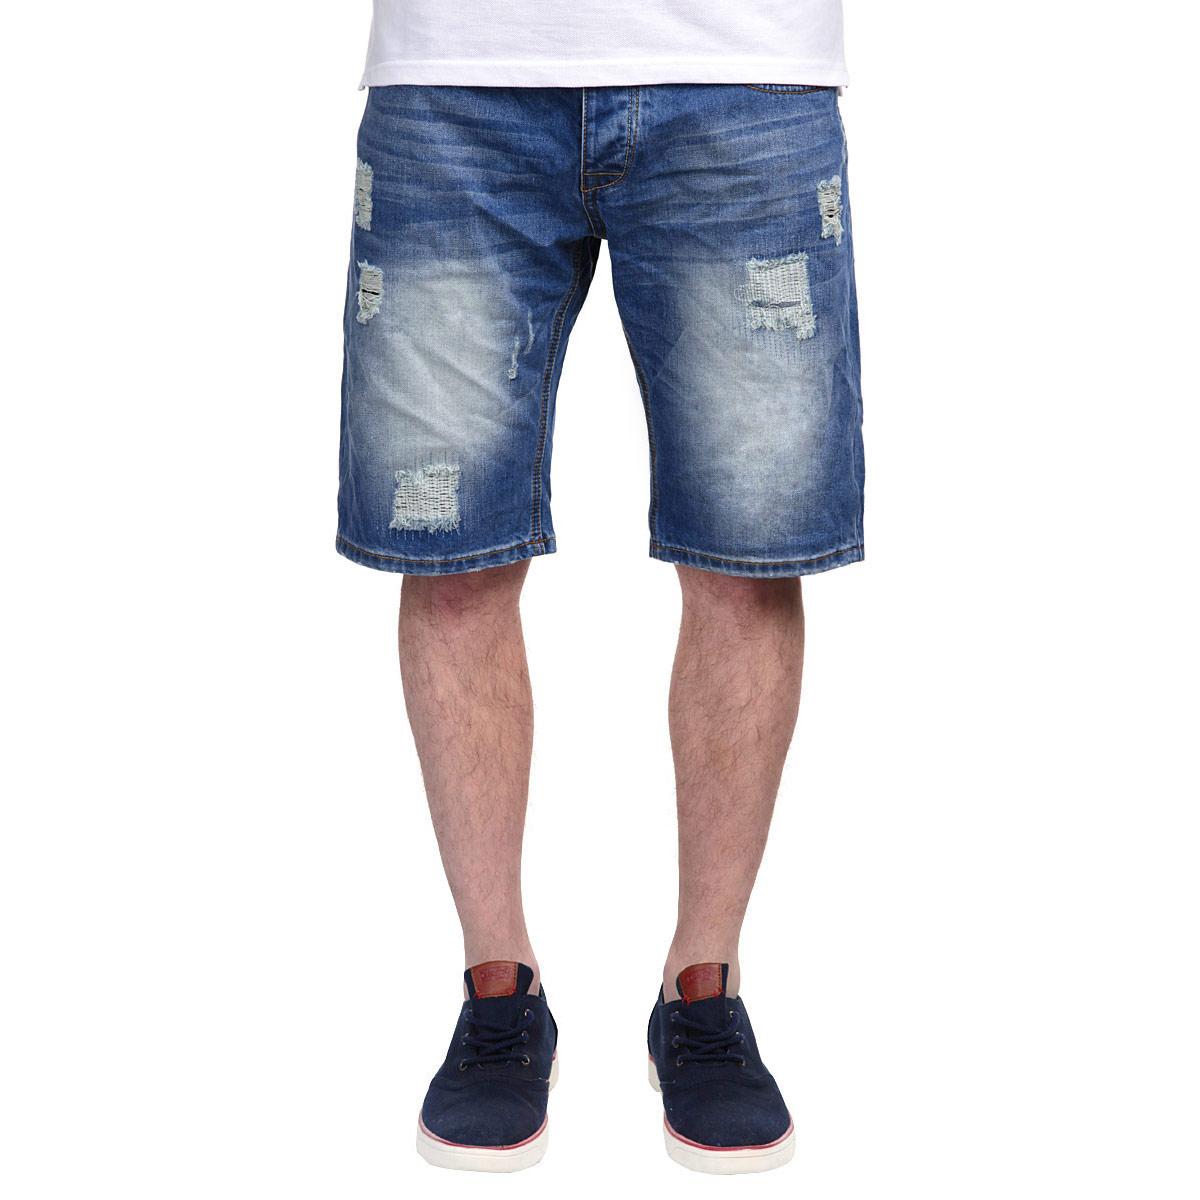 10152730 545Стильные джинсовые бермуды Broadway, изготовленные из высококачественного хлопка, не сковывают движения, обеспечивая наибольший комфорт. Модель прямого покроя? застегивается на пуговицу в поясе и ширинку на металлических пуговицах, предусмотрены шлевки для ремня. Спереди шорты оформлены двумя втачными карманами и двумя накладными секретными кармашками, сзади расположено три накладных кармана. Модель декорирована рваным эффектом, потертостями и перманентными складками. Такие бермуды - идеальный вариант для жарких летних дней.